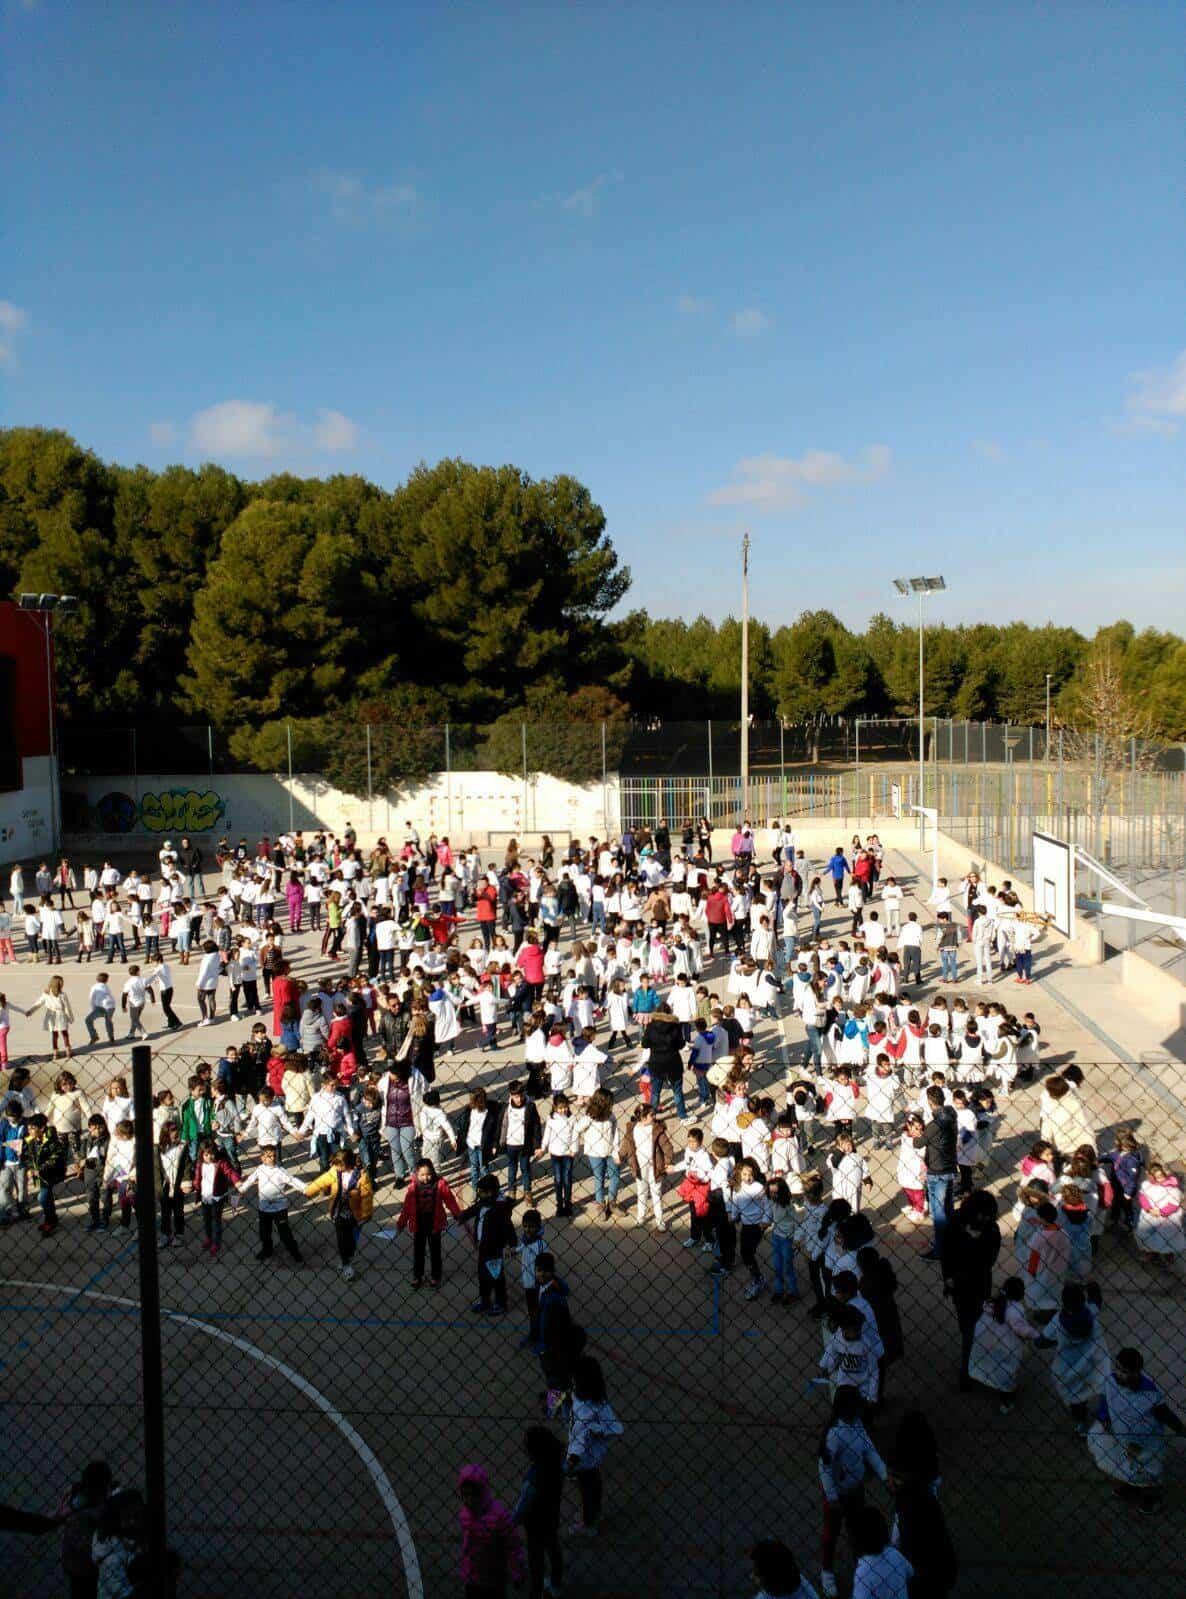 dia escola paz 2018 carrasco alcalde 3 - Día Escolar de la Paz 2018 en CEIP Carrasco Alcalde